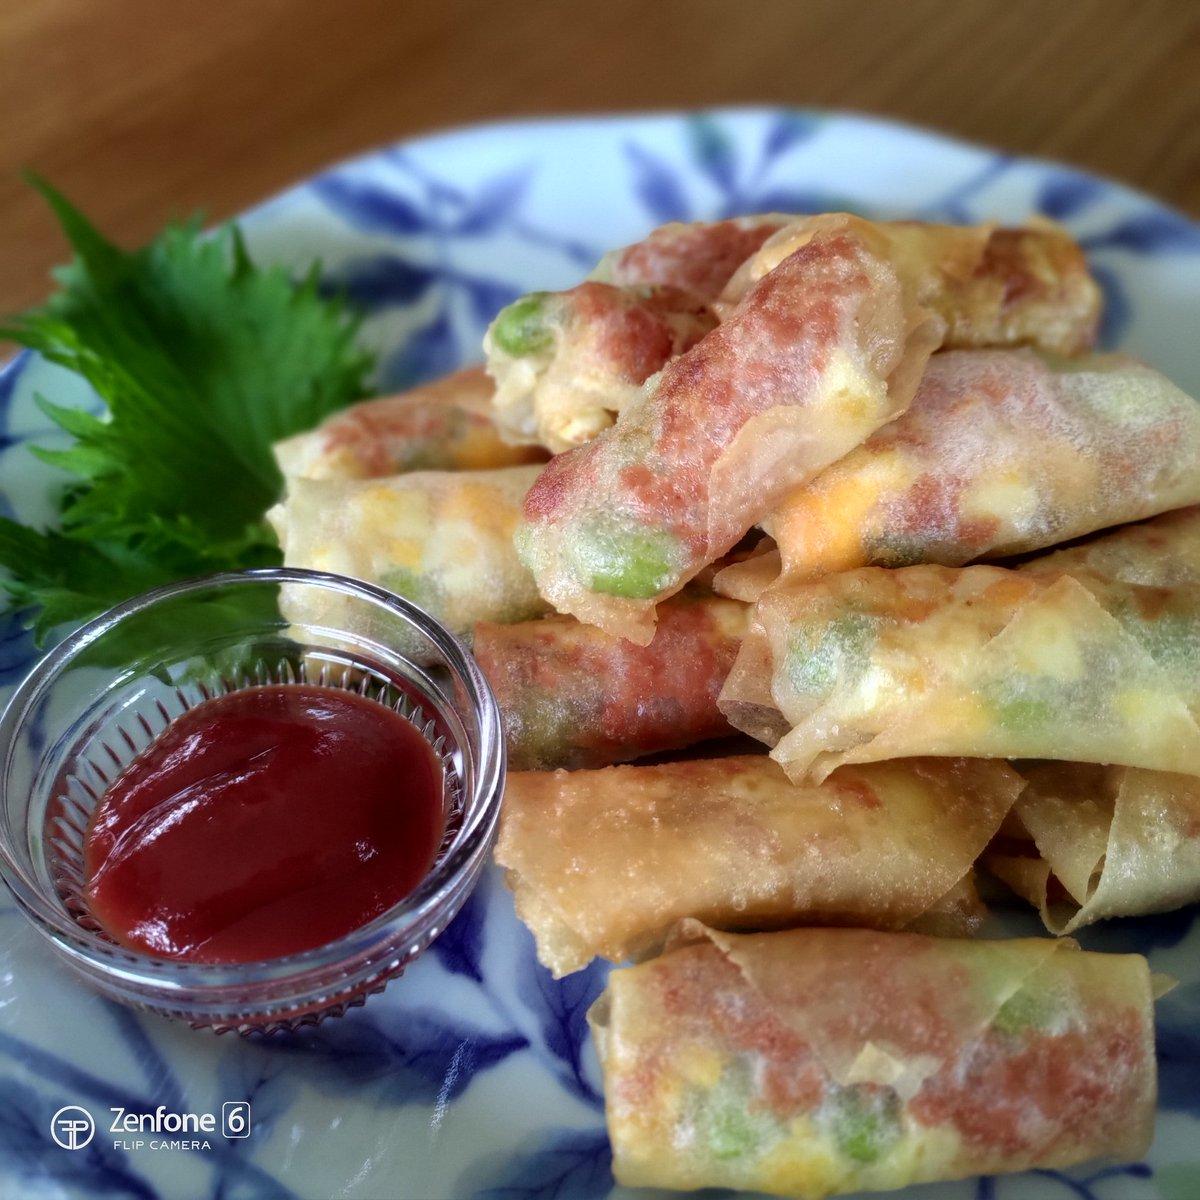 レシピ動画を撮り終えたので、ゆで卵と枝豆のミニ春巻きをいただきまーす! #ZenFone6 pic.twitter.com/5ky0eiLs0N